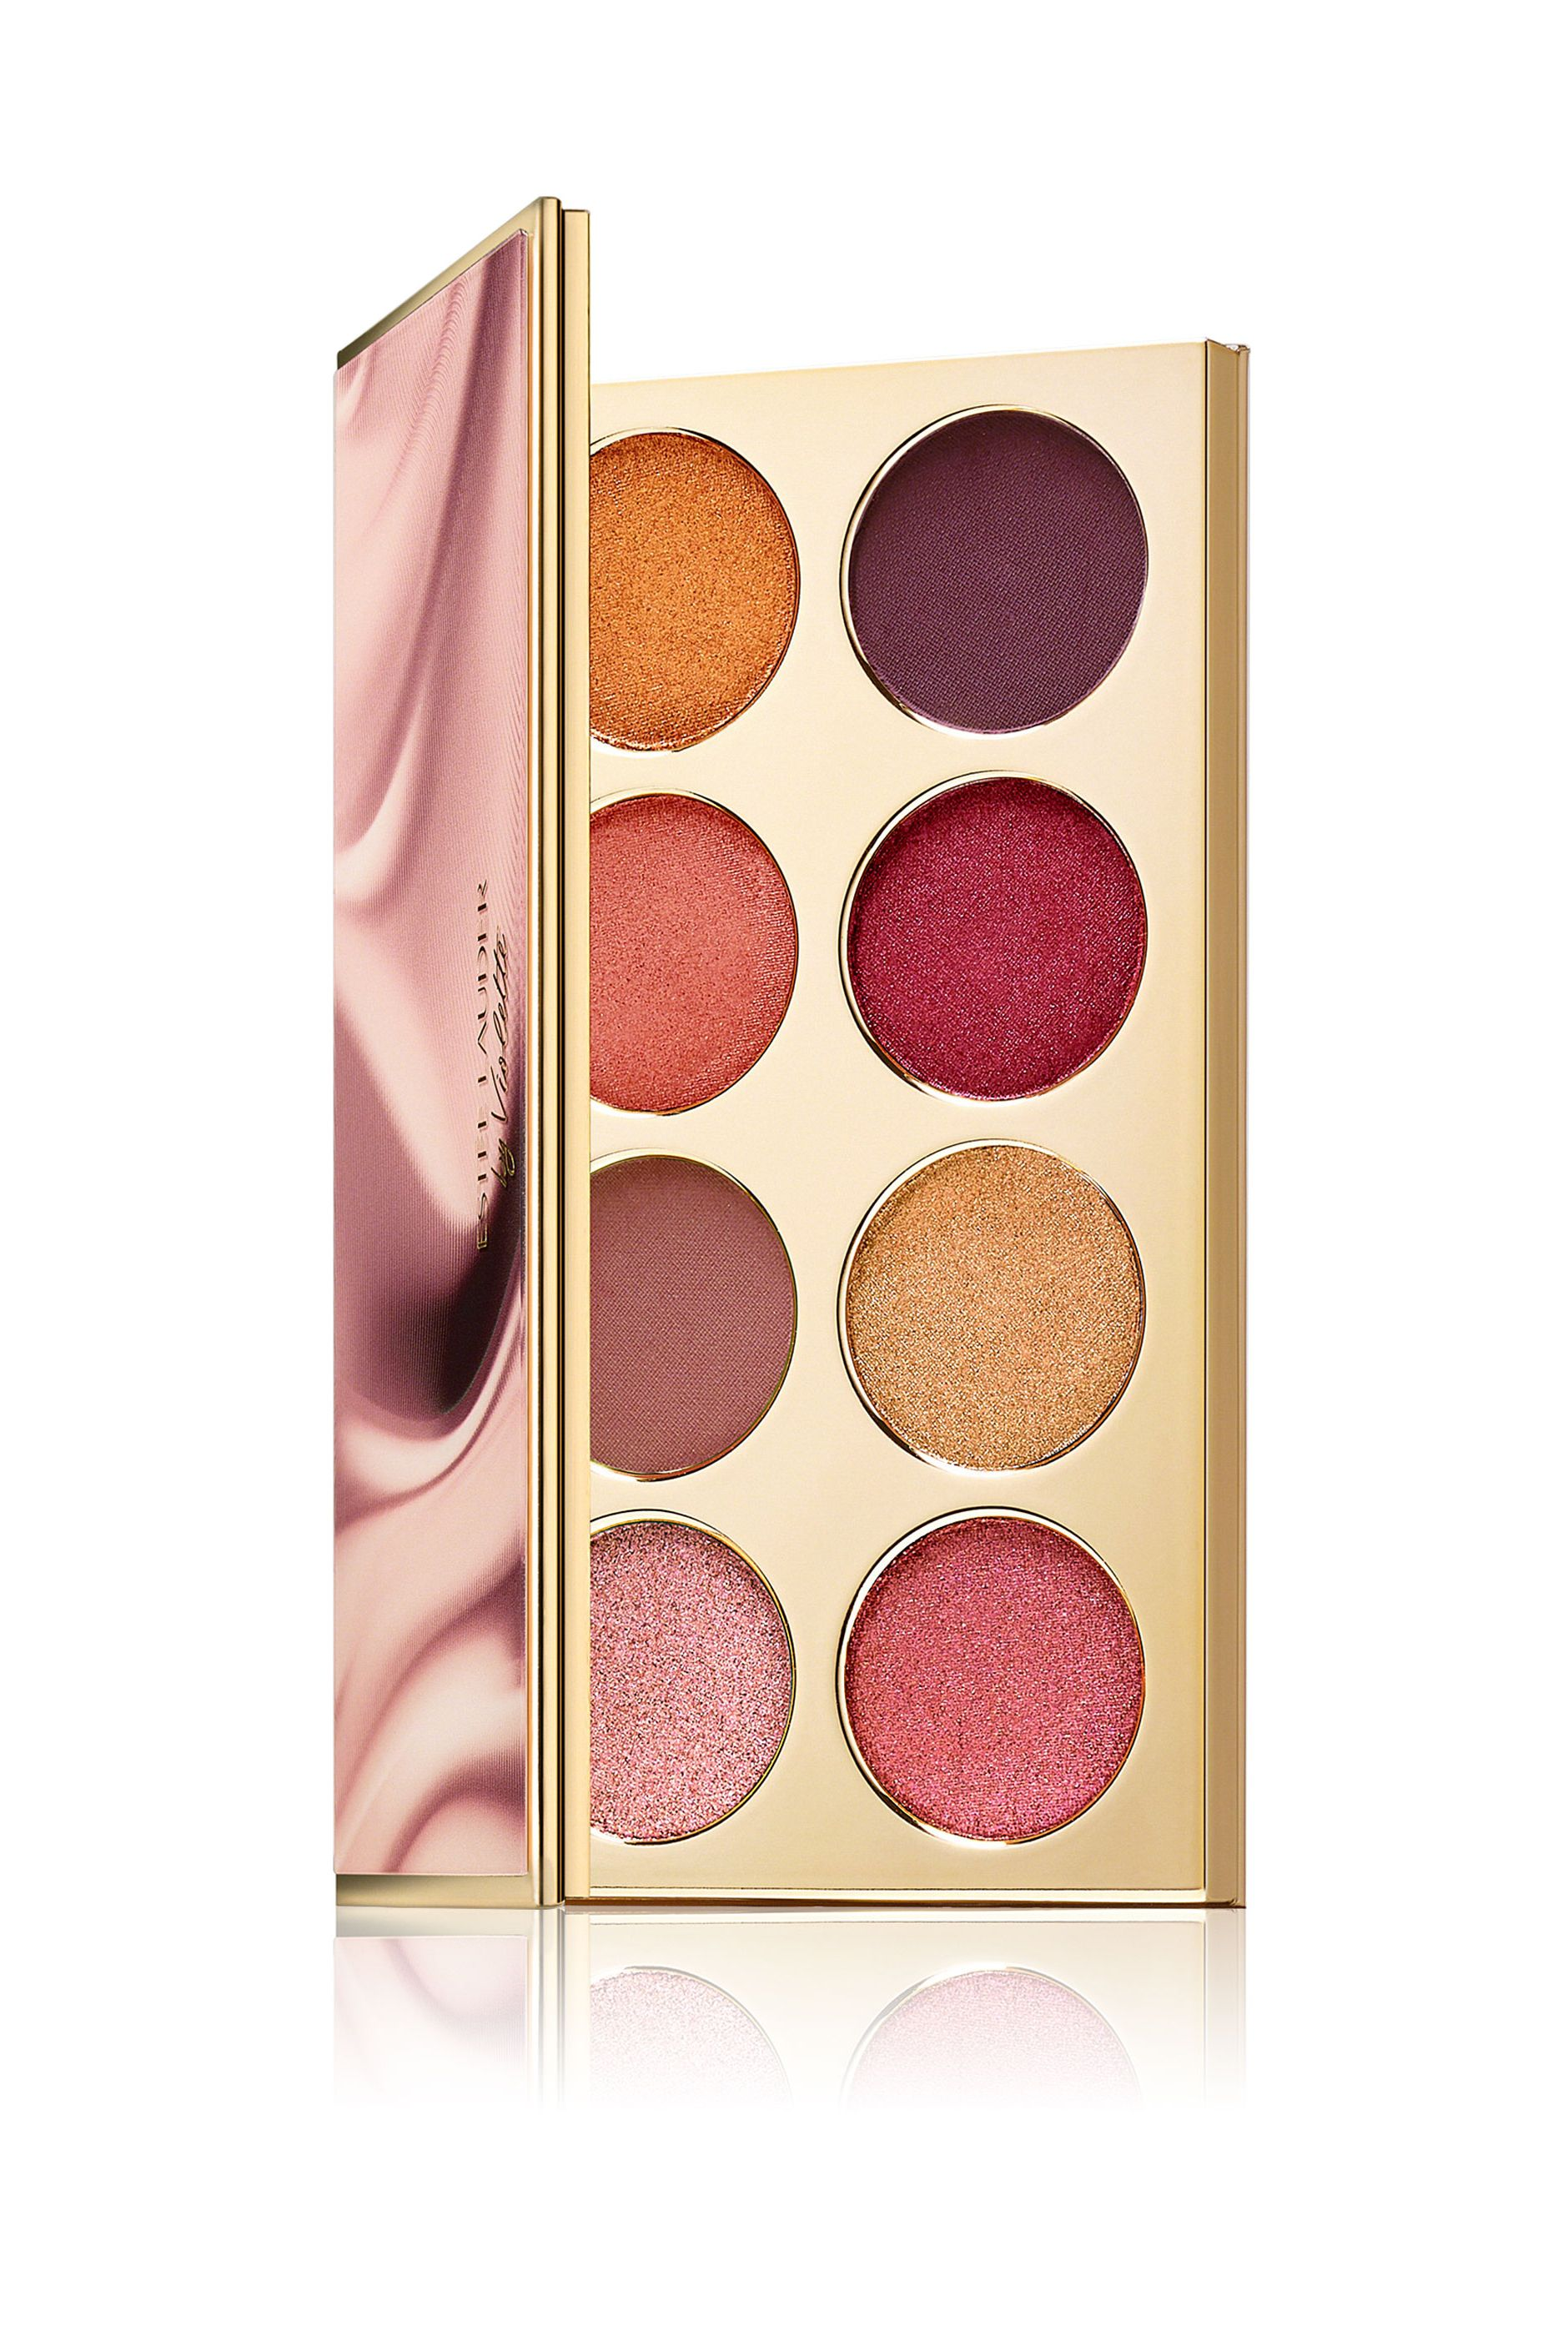 Best eyeshadow palette for brown eyes 2020